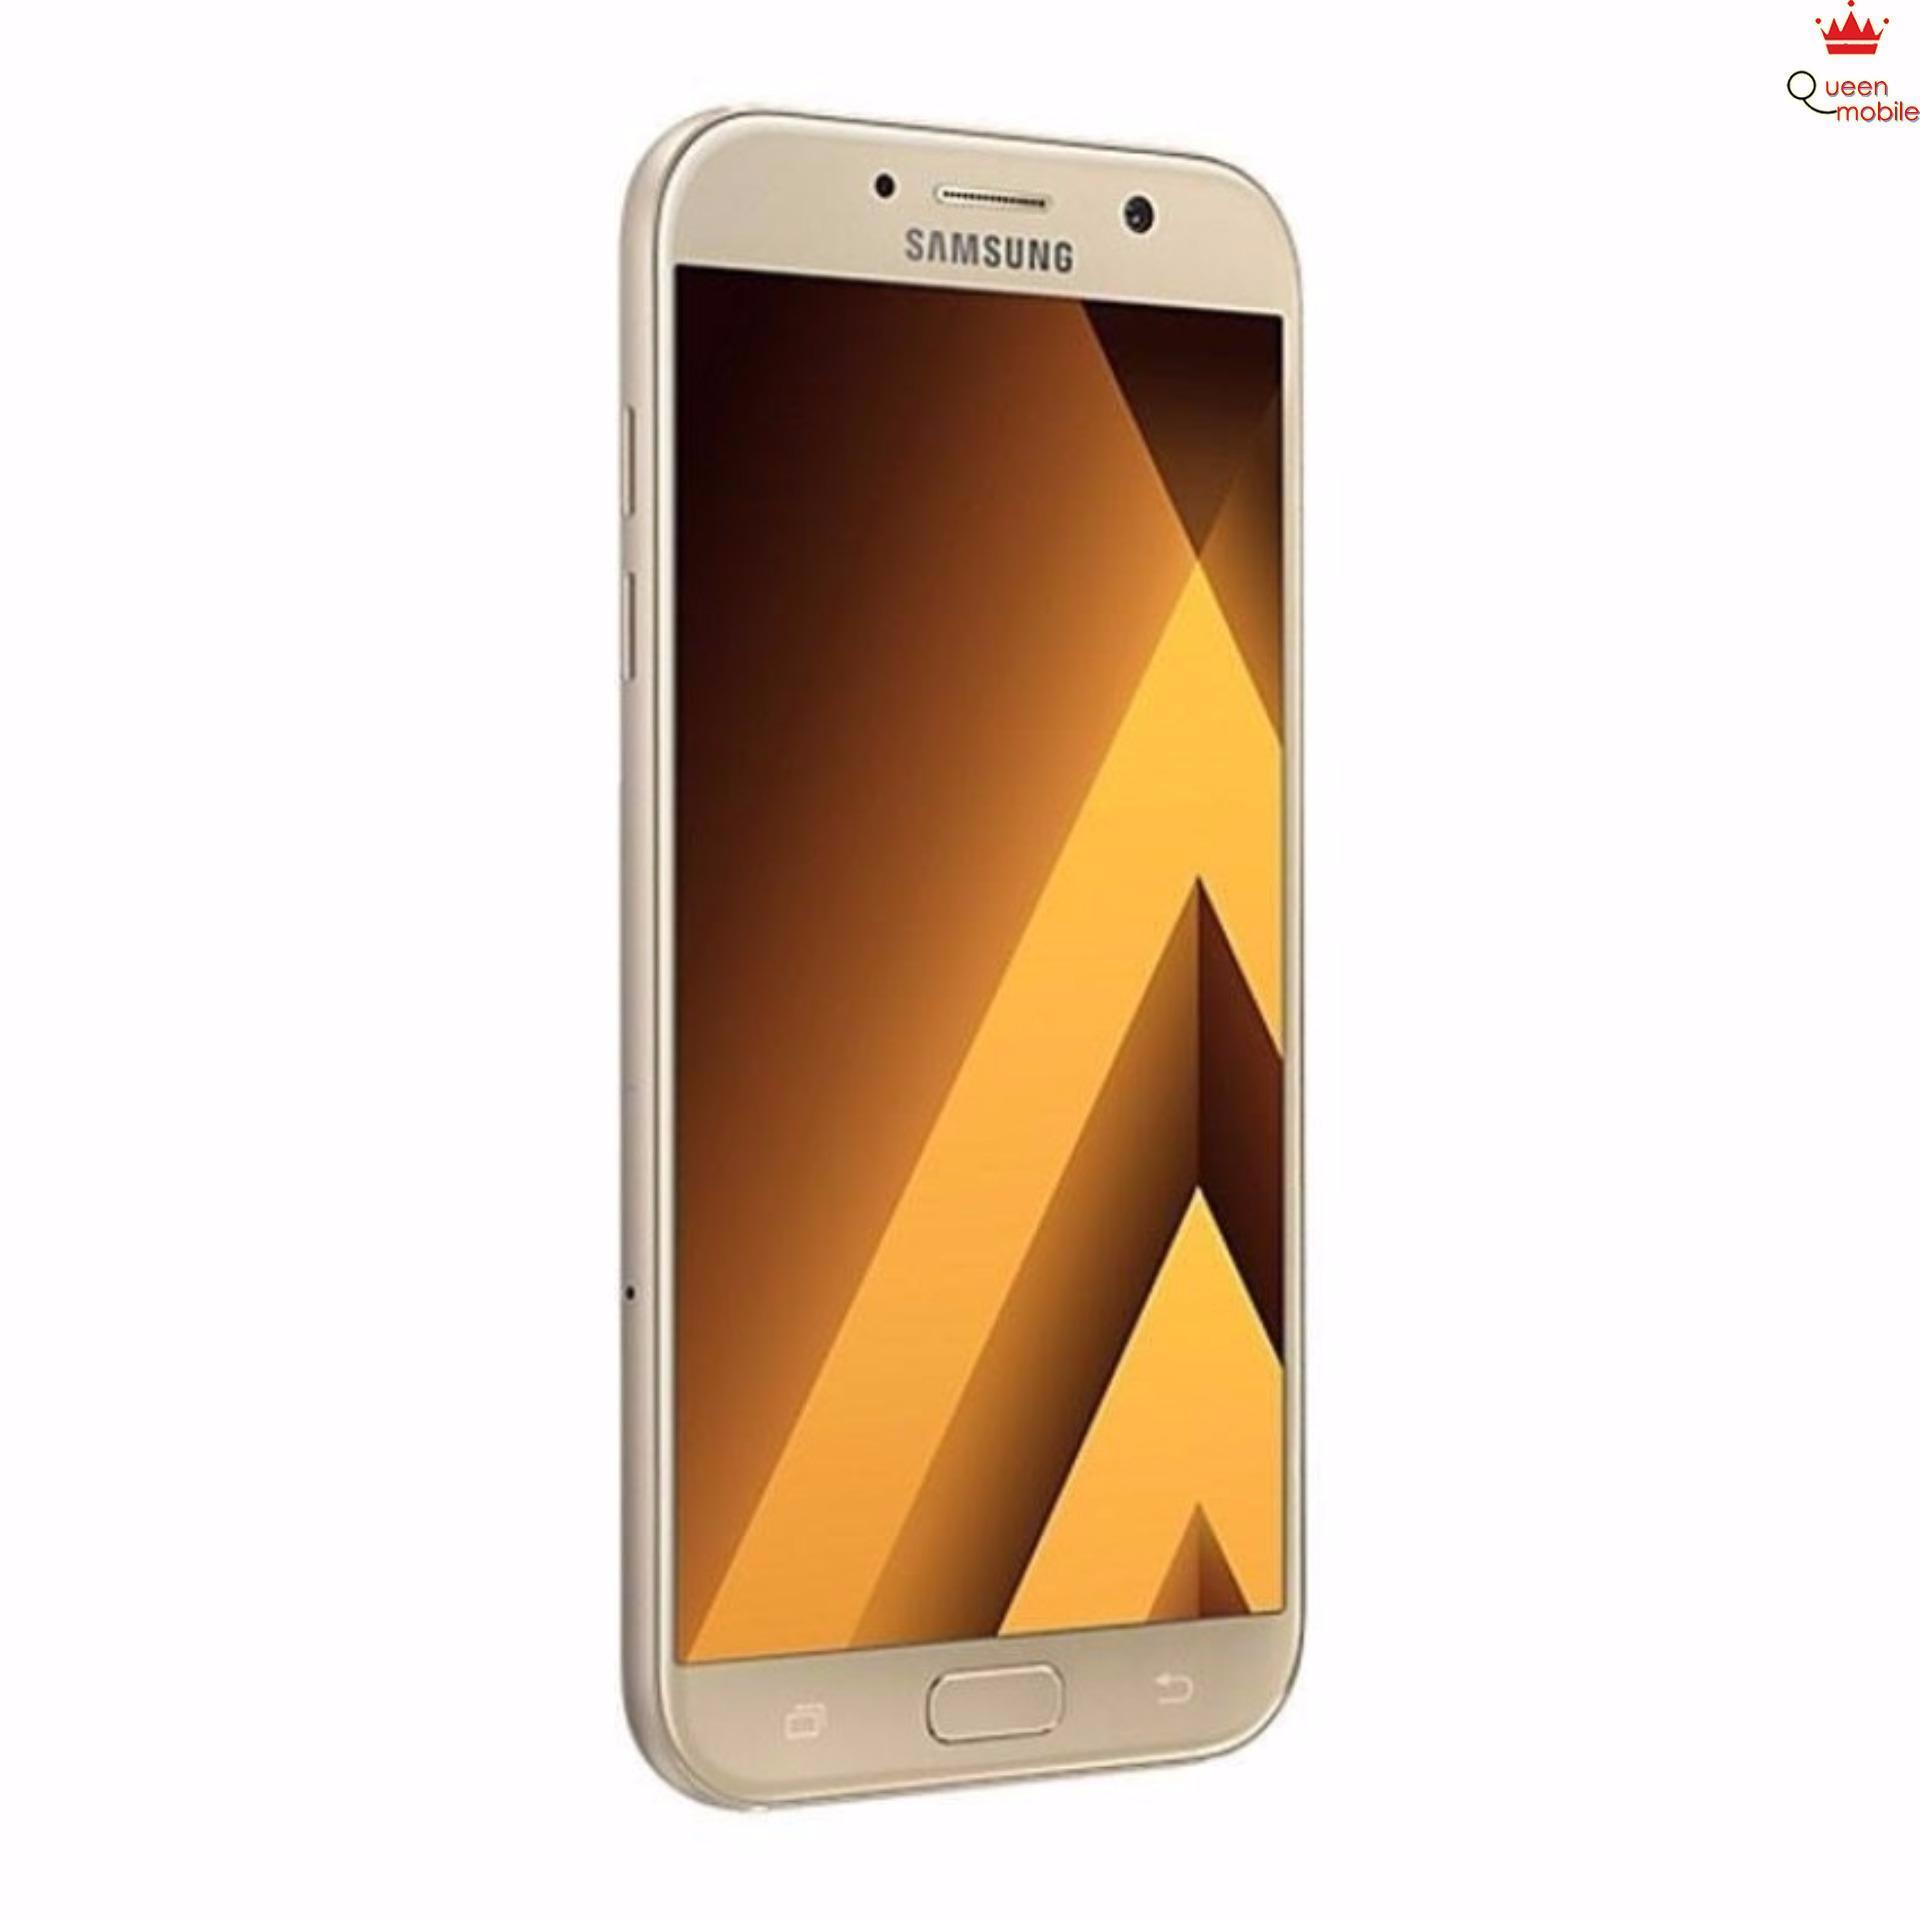 Samsung Galaxy A7 2017 32GB (Vàng) – Review và Đánh giá sản phẩm